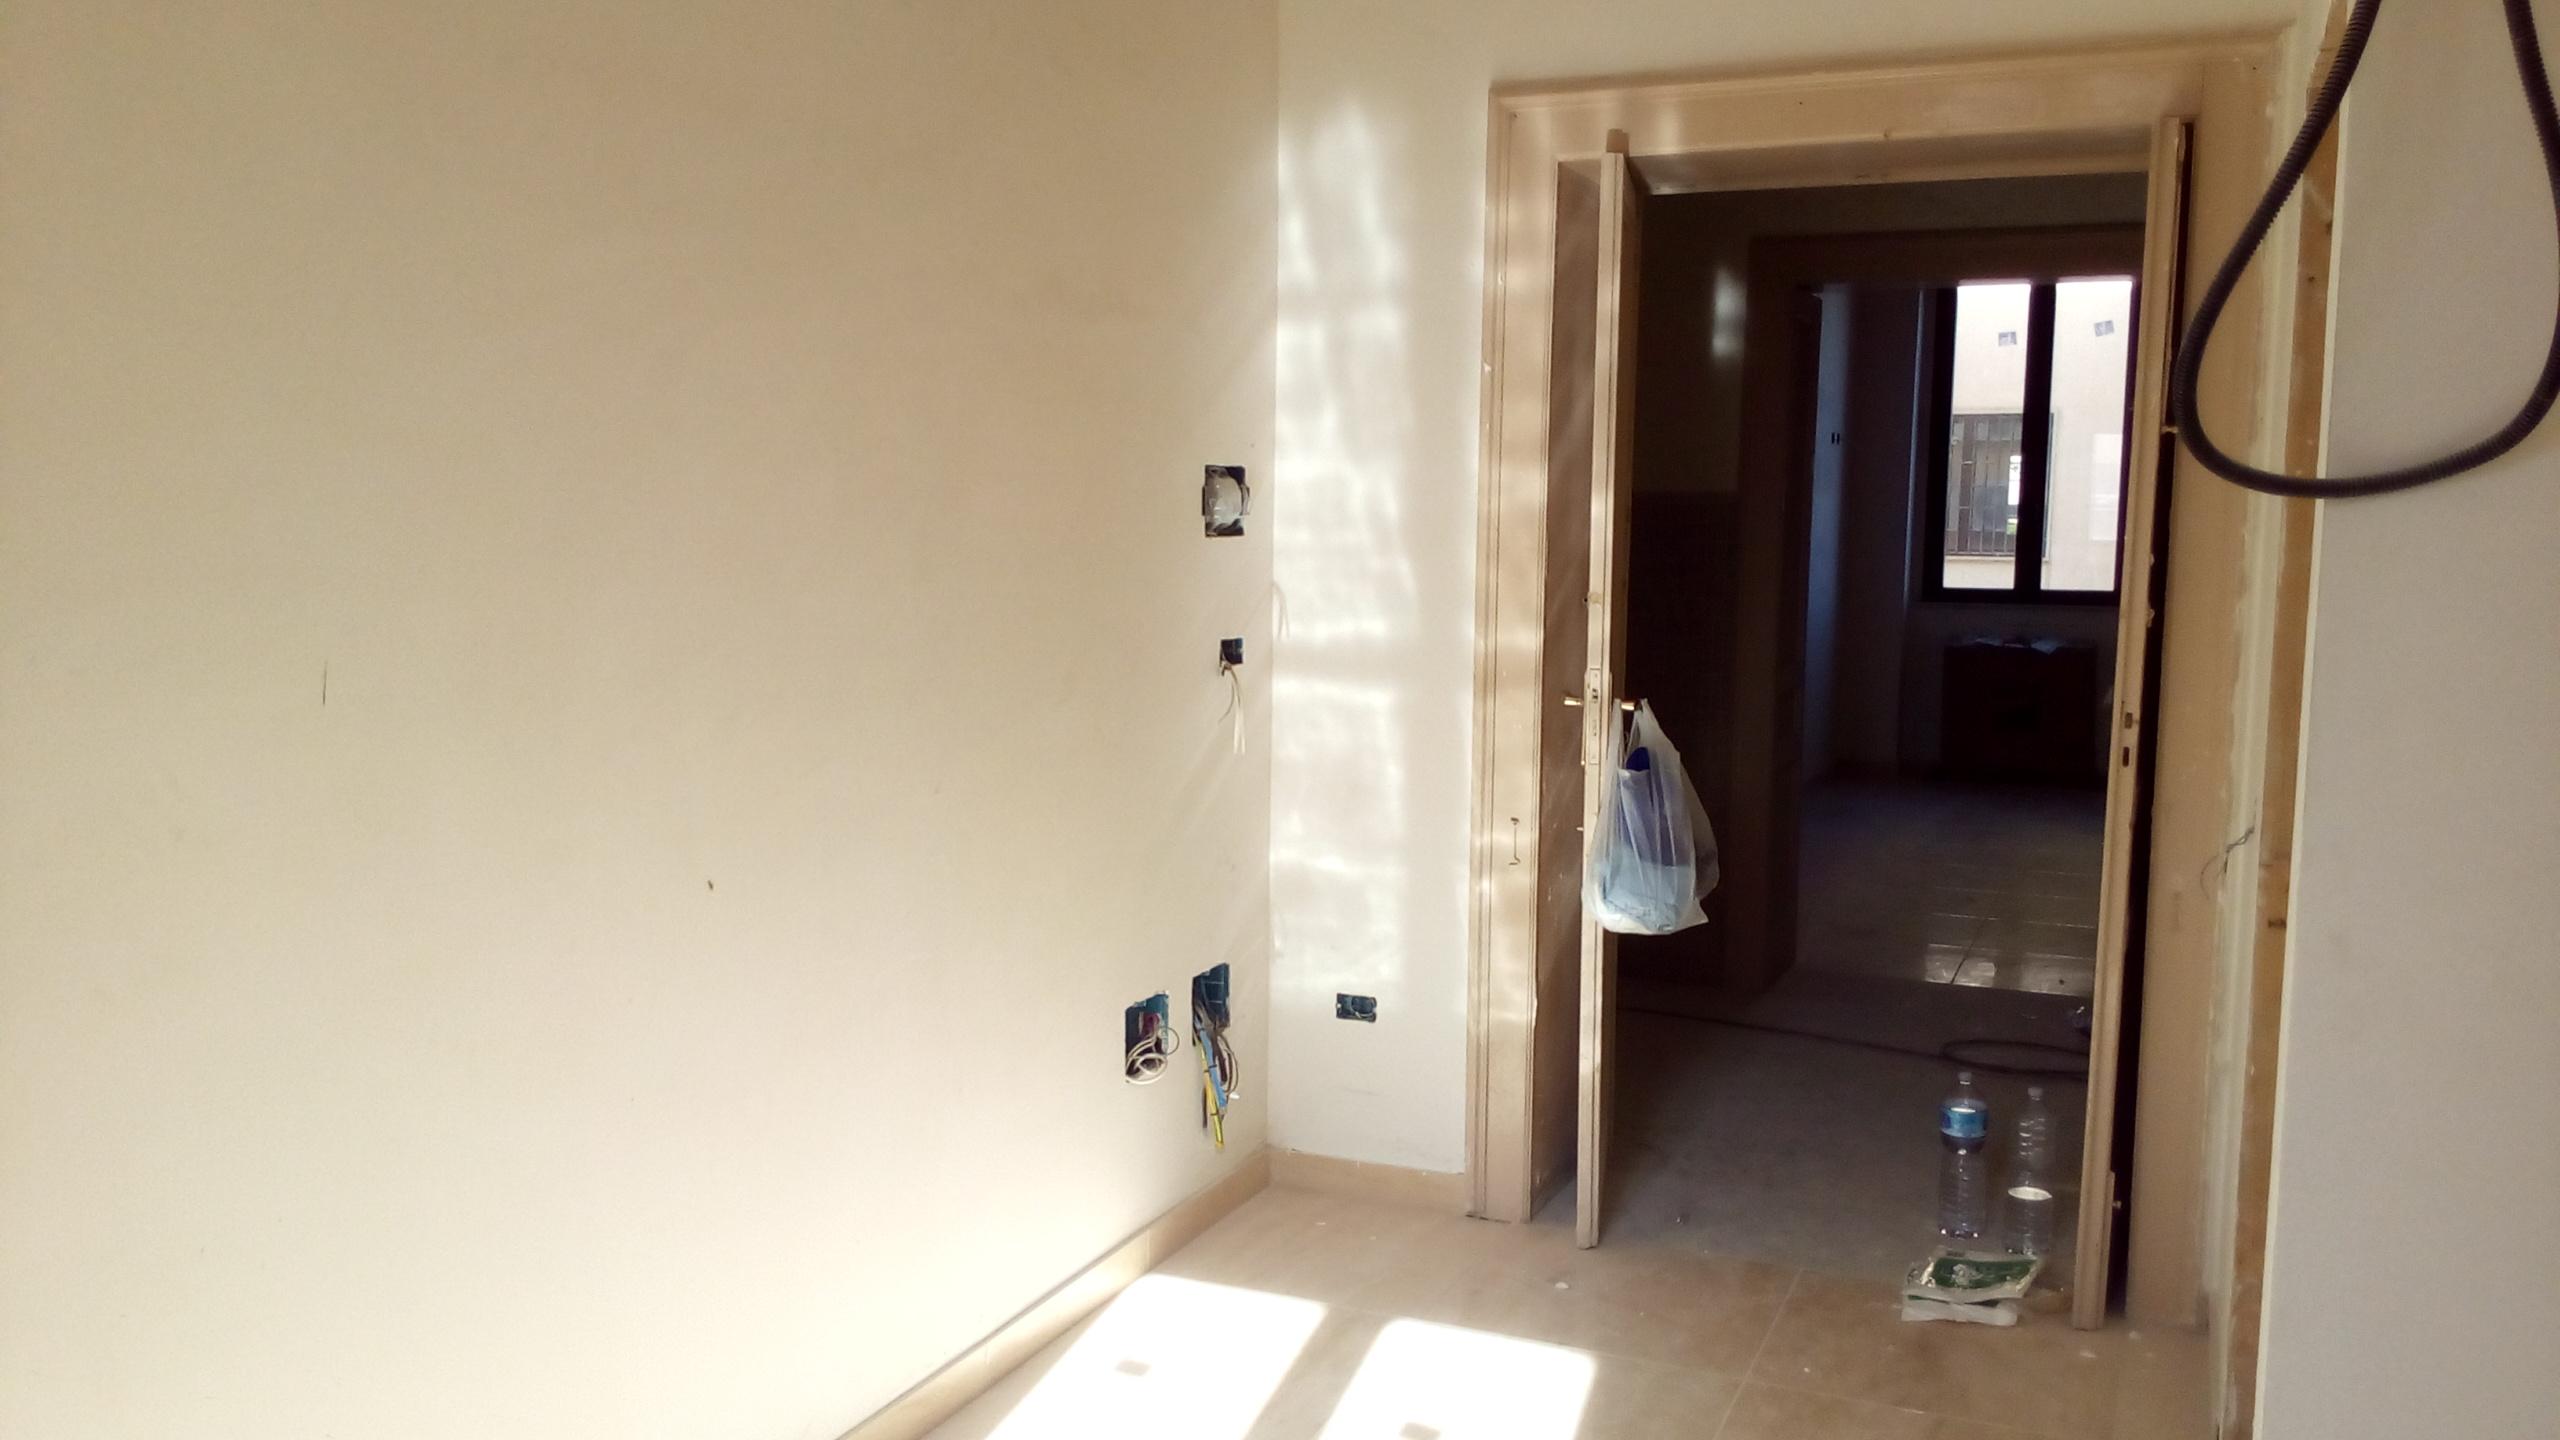 Progettiamo una nuova casa di riposo effepi arredi for Progettare una nuova casa online